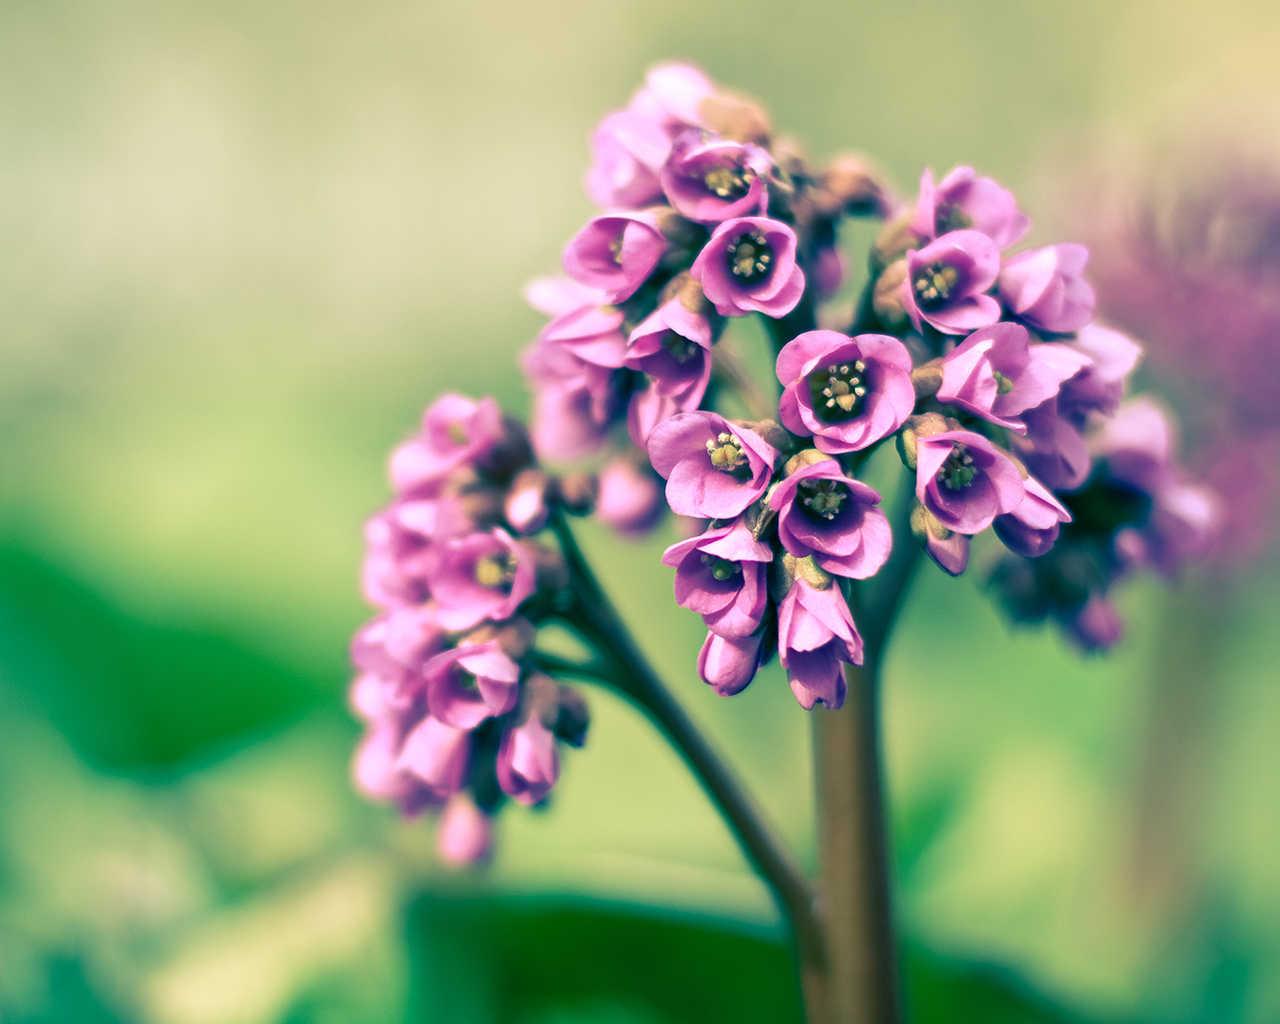 Zoom Diseno Y Fotografia Imagenes De Flores Primavera Wallpapers